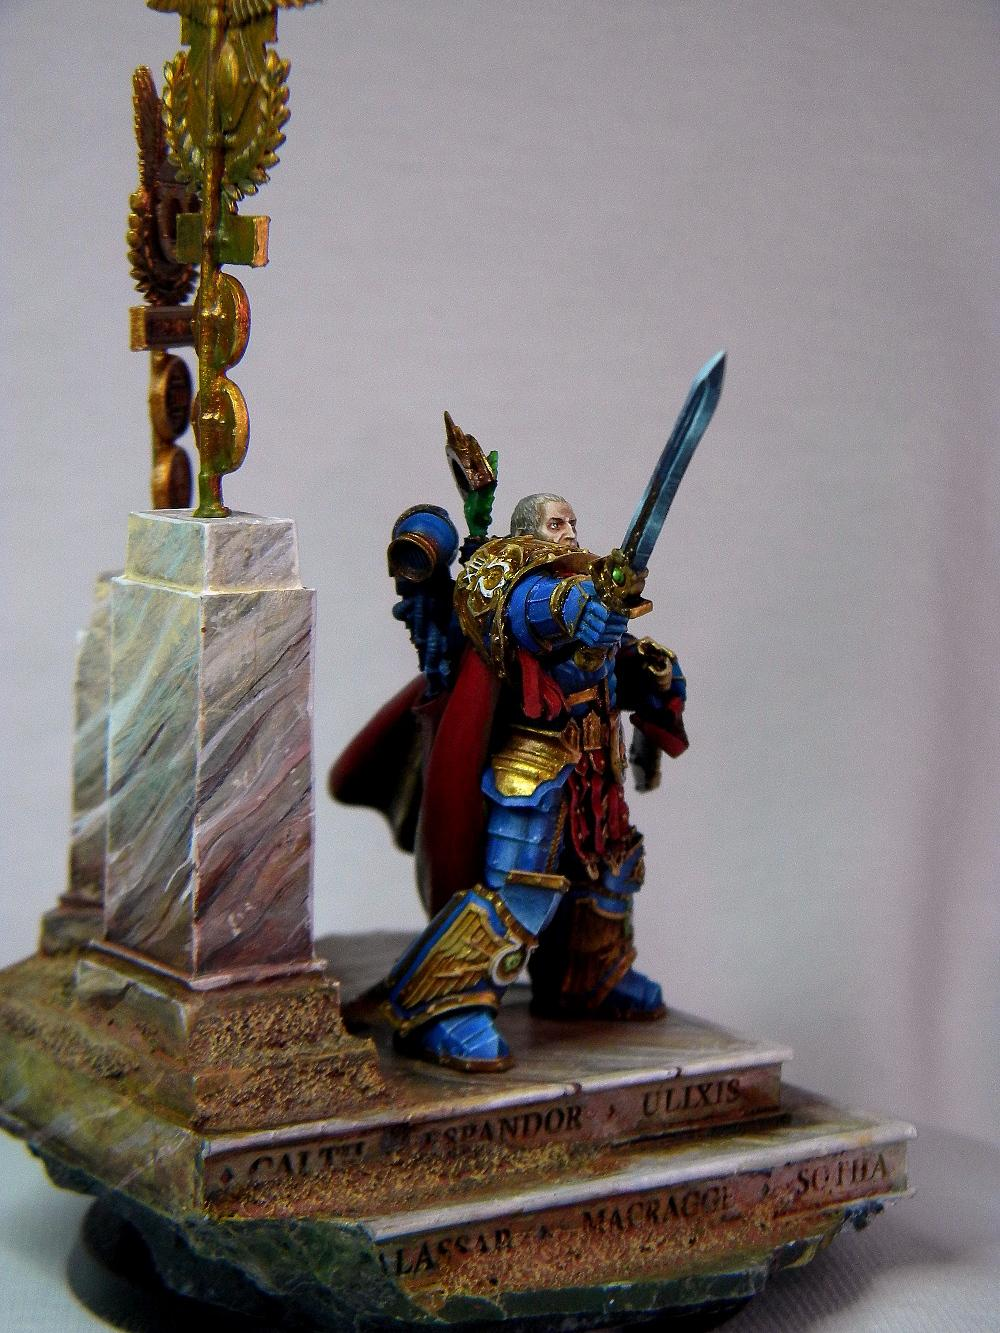 Roboute Guilliman, Ultramarines, Warhammer 30k